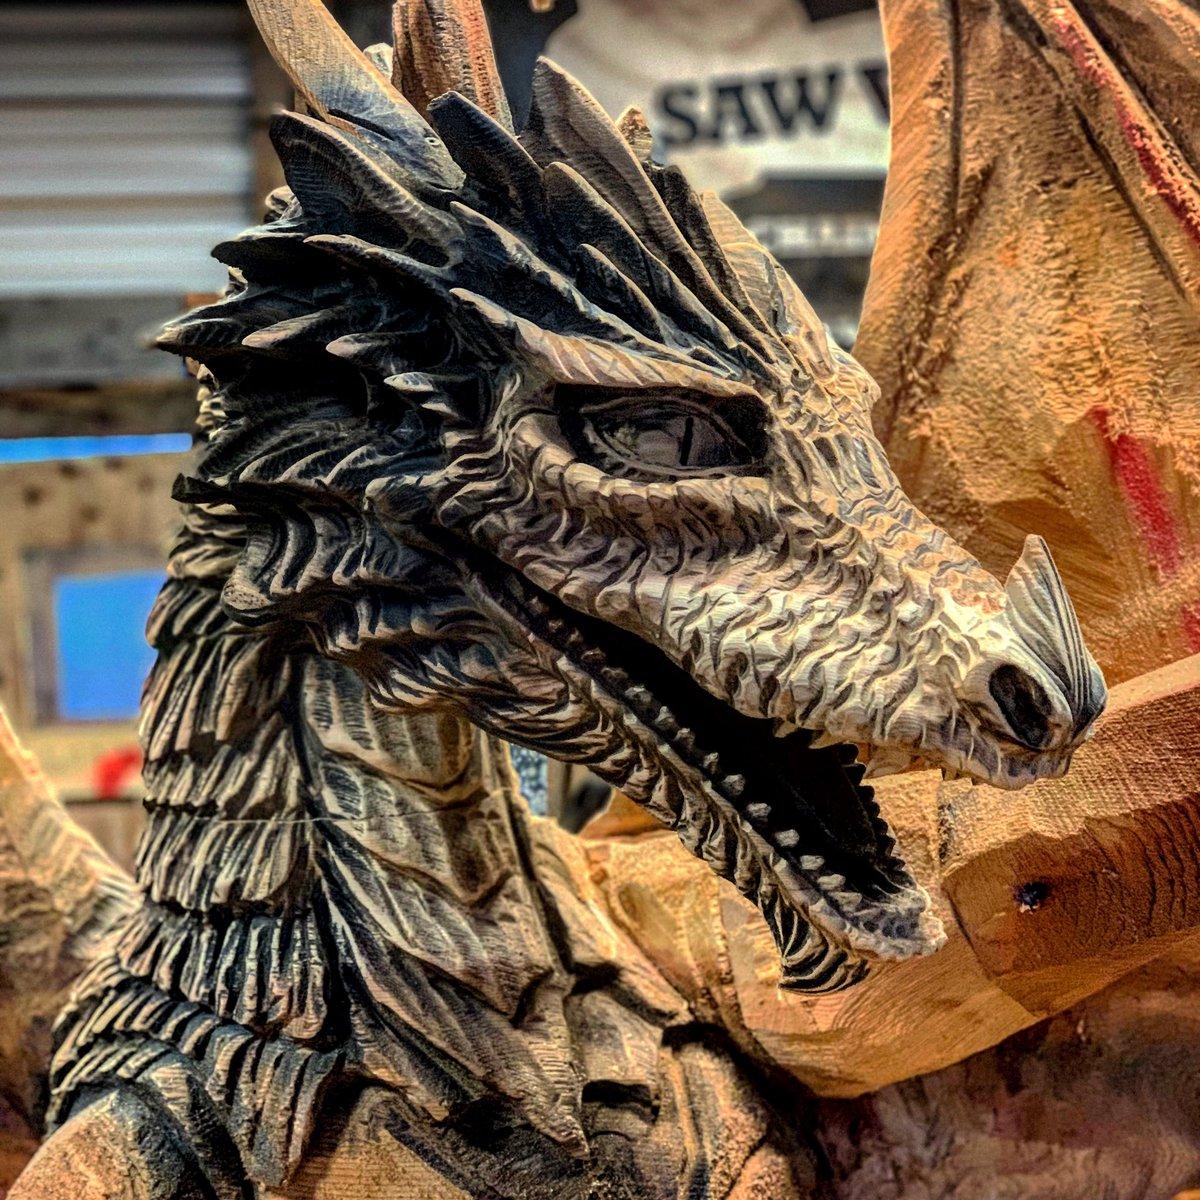 ротгипс драконы фото пространства центре города